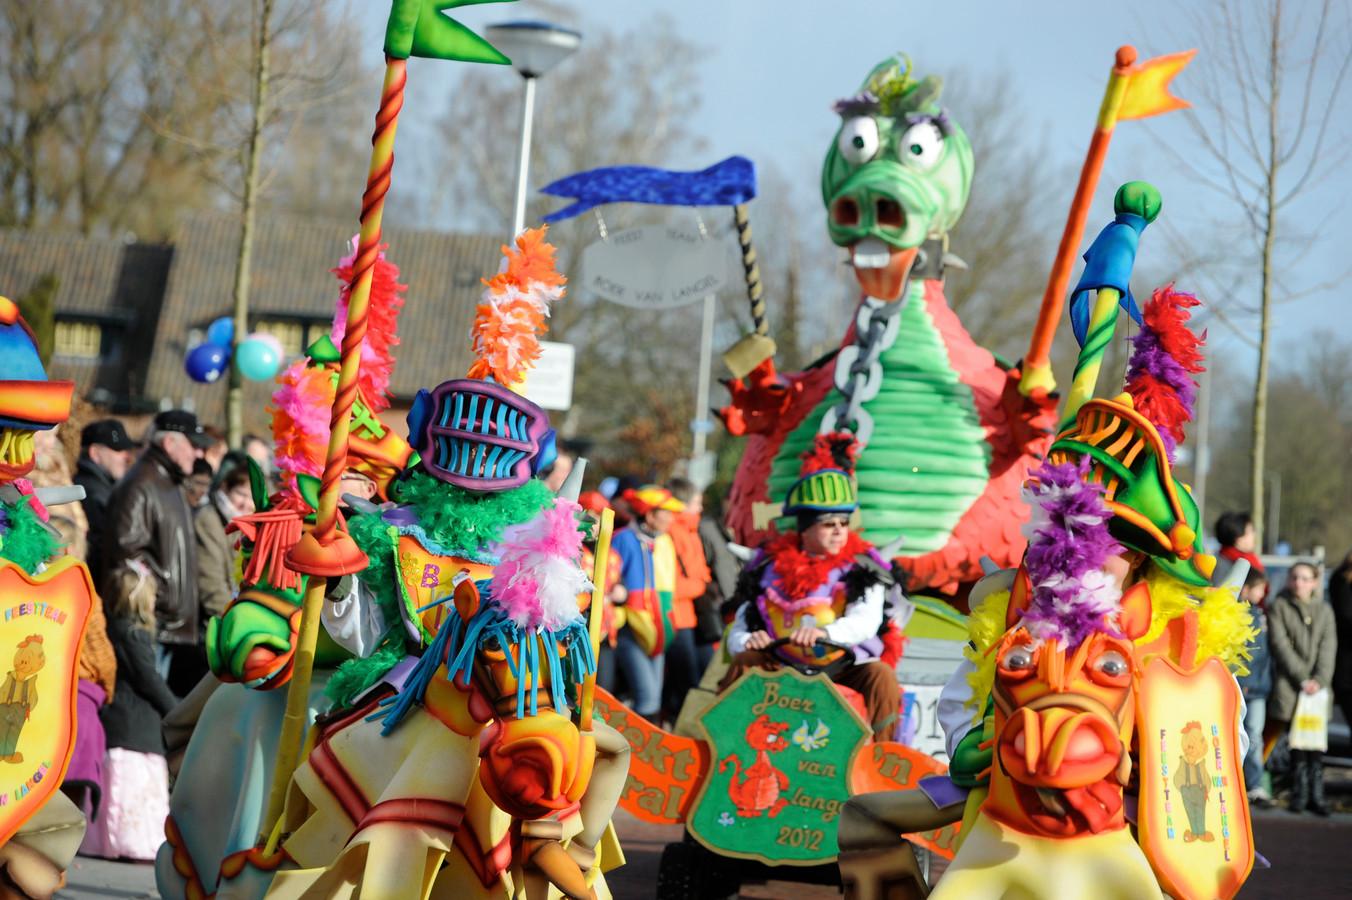 Geen carnavalsoptocht in Neede, in 2021. NCG De Vlearmuze heeft de grote evenementen maandagavond in verband met corona geschrapt.